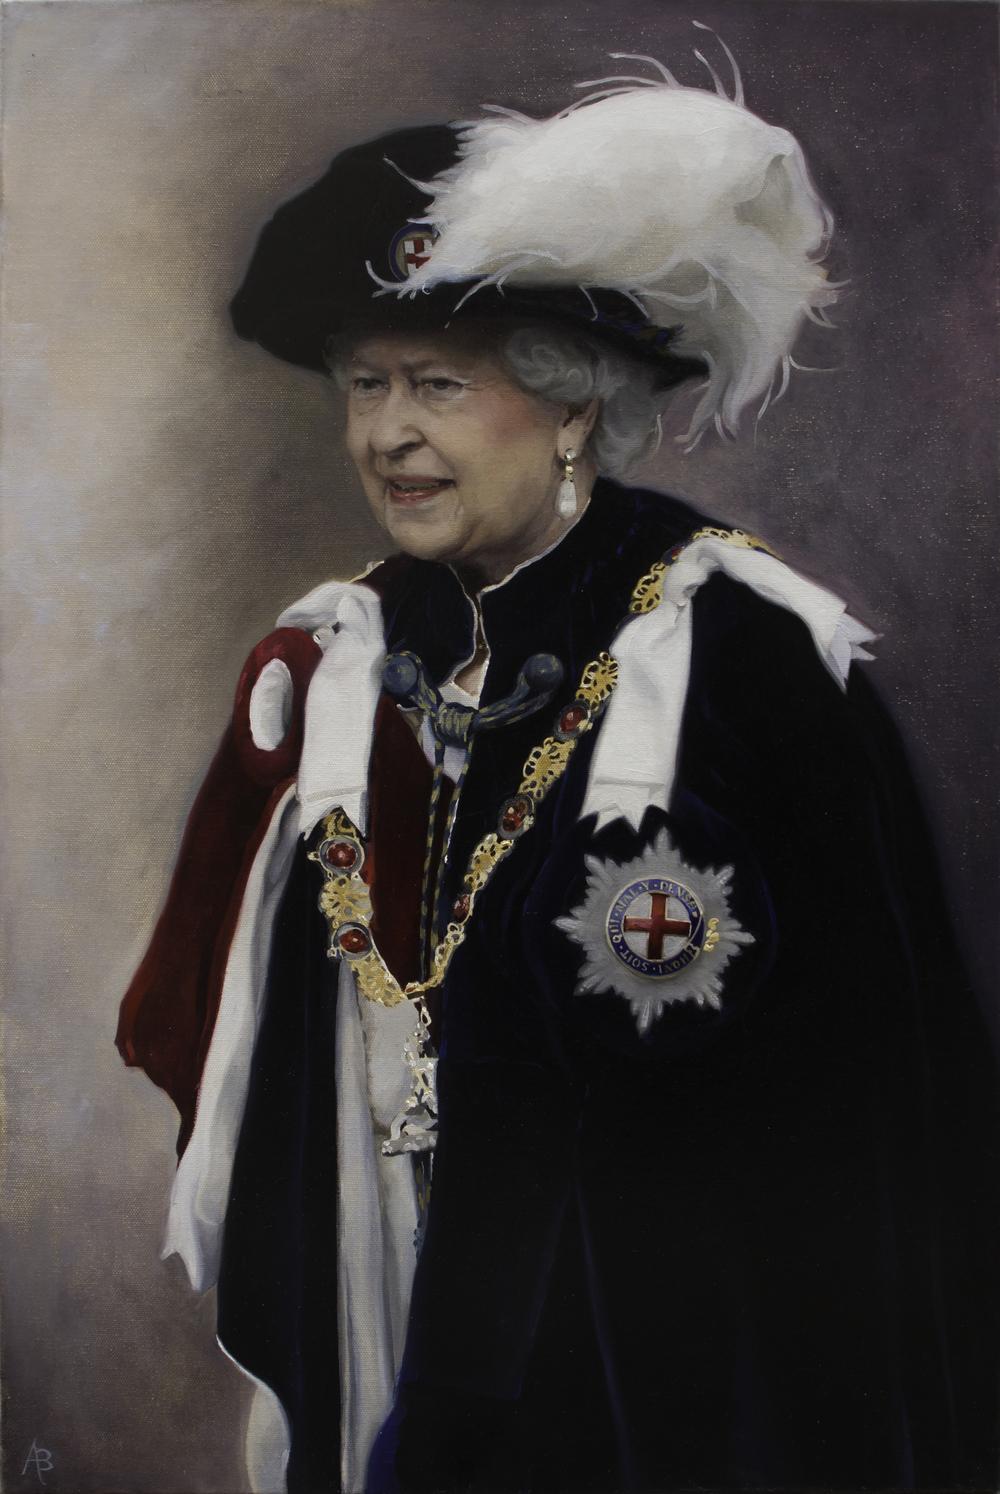 Queen Painting.jpg